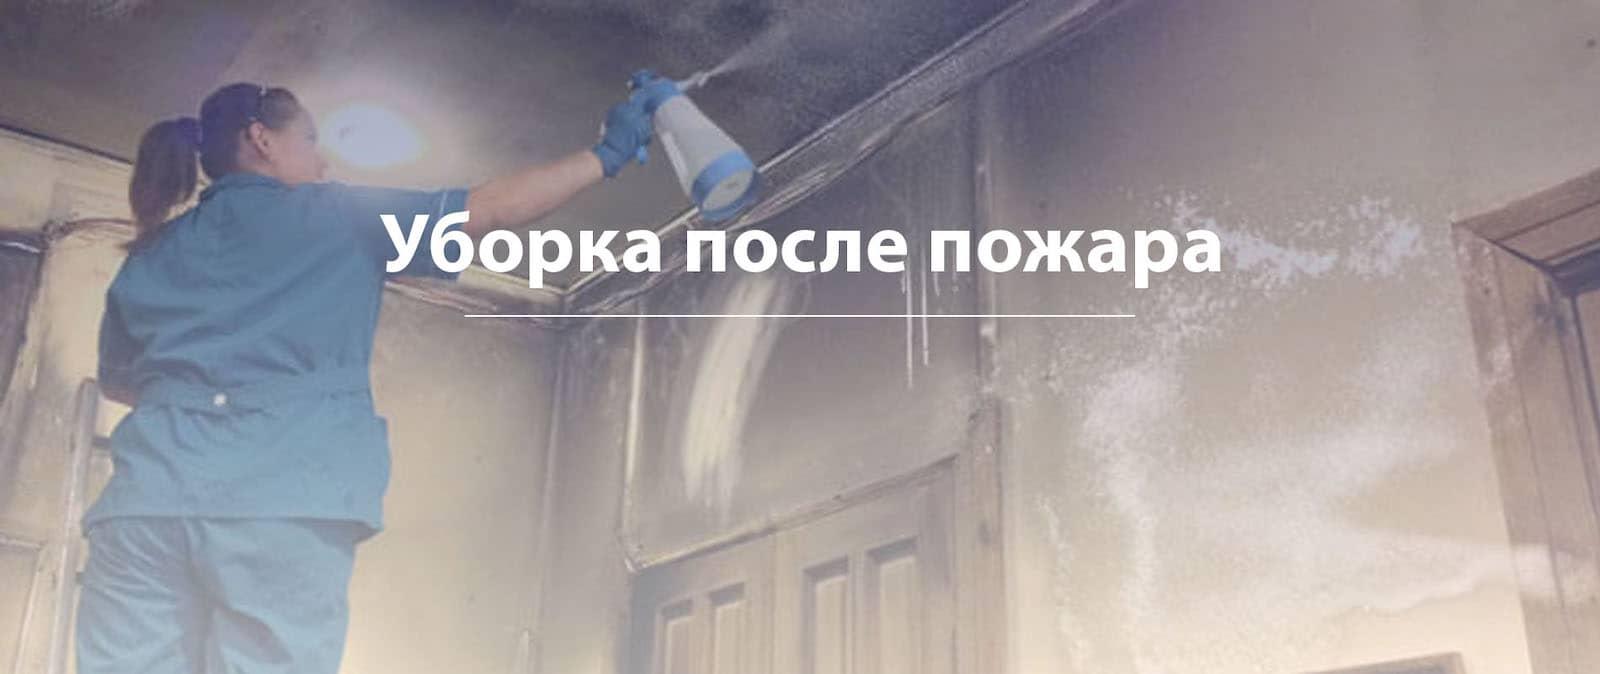 уборка после пожара в Тольятти